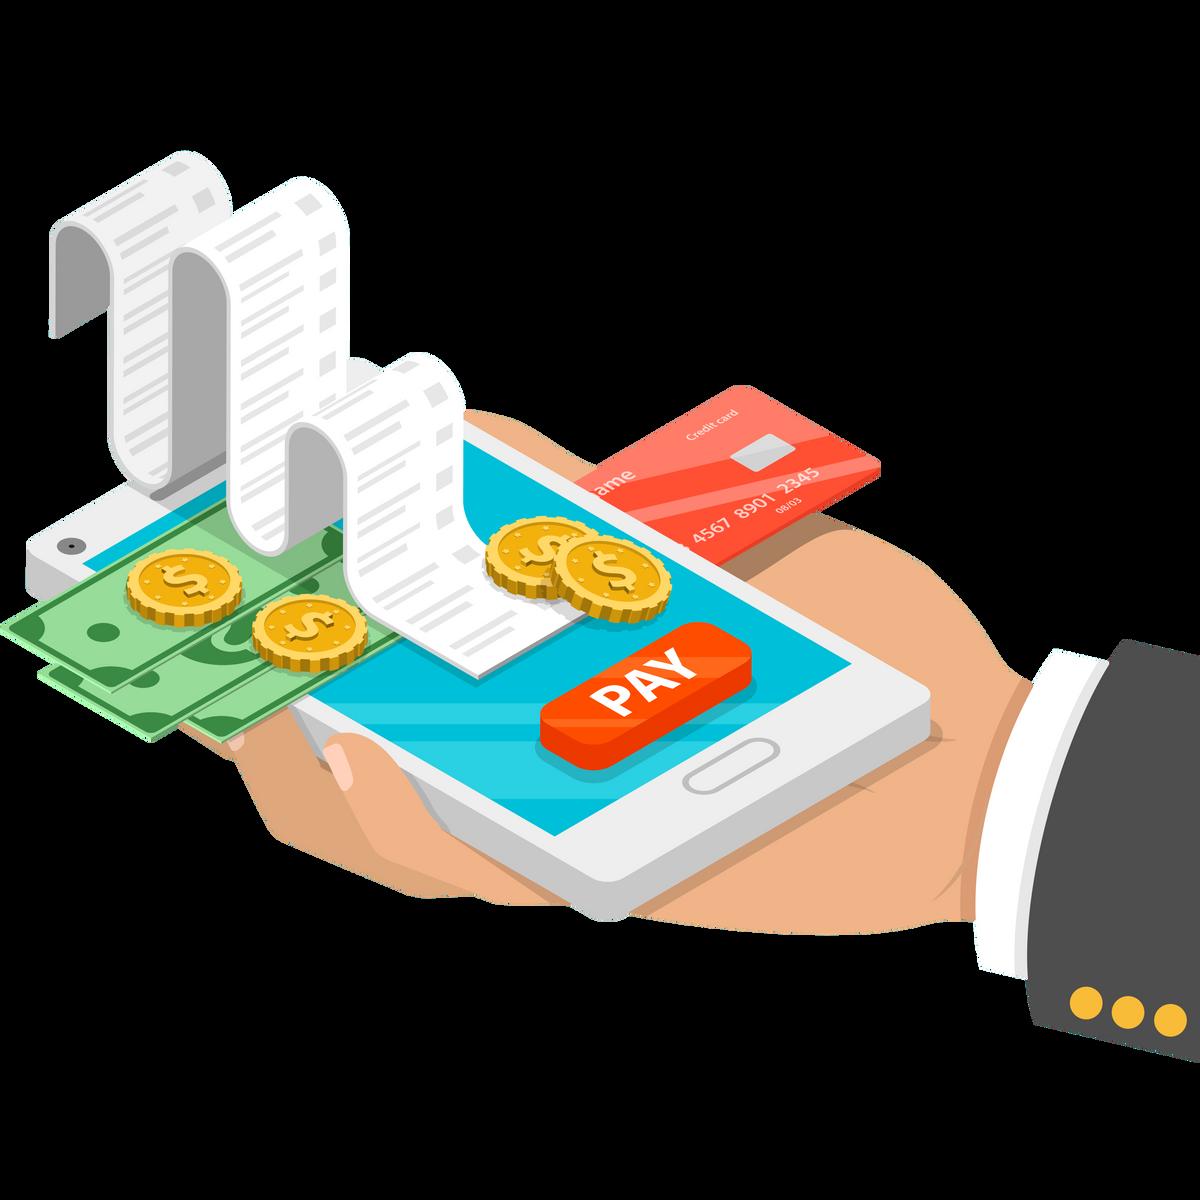 Откройте расчетный счет в Сбербанке и получите бонусы на развитие бизнеса